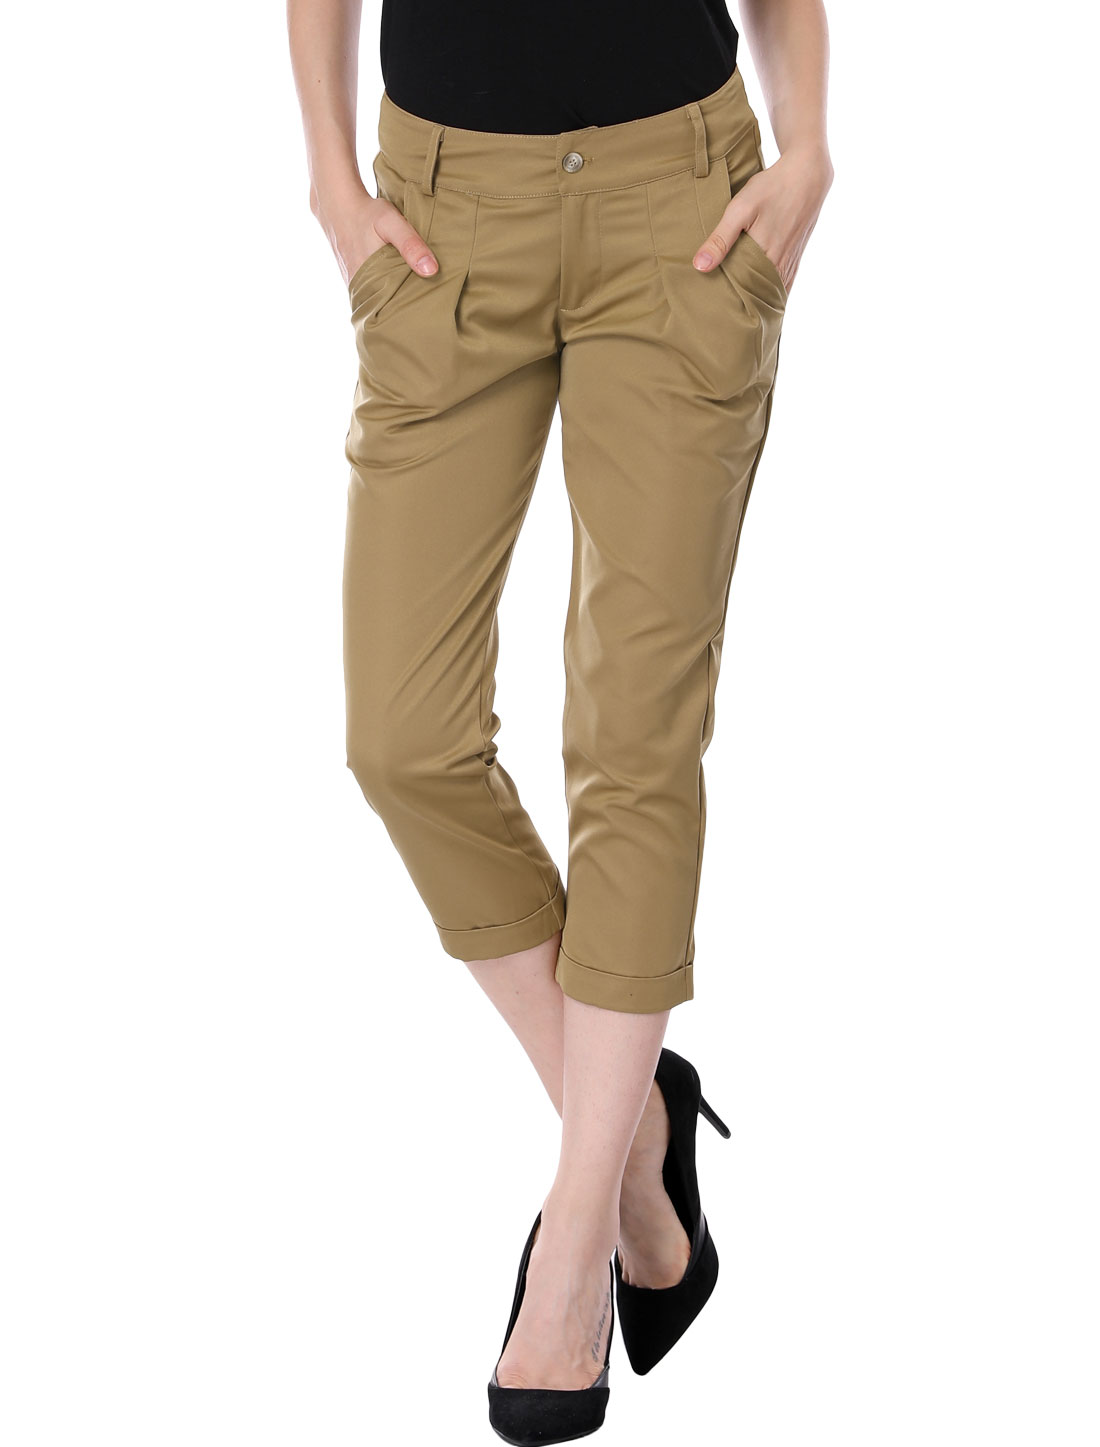 Ladies Pure Khaki Color Slant Pockets Side Cropped Pants L